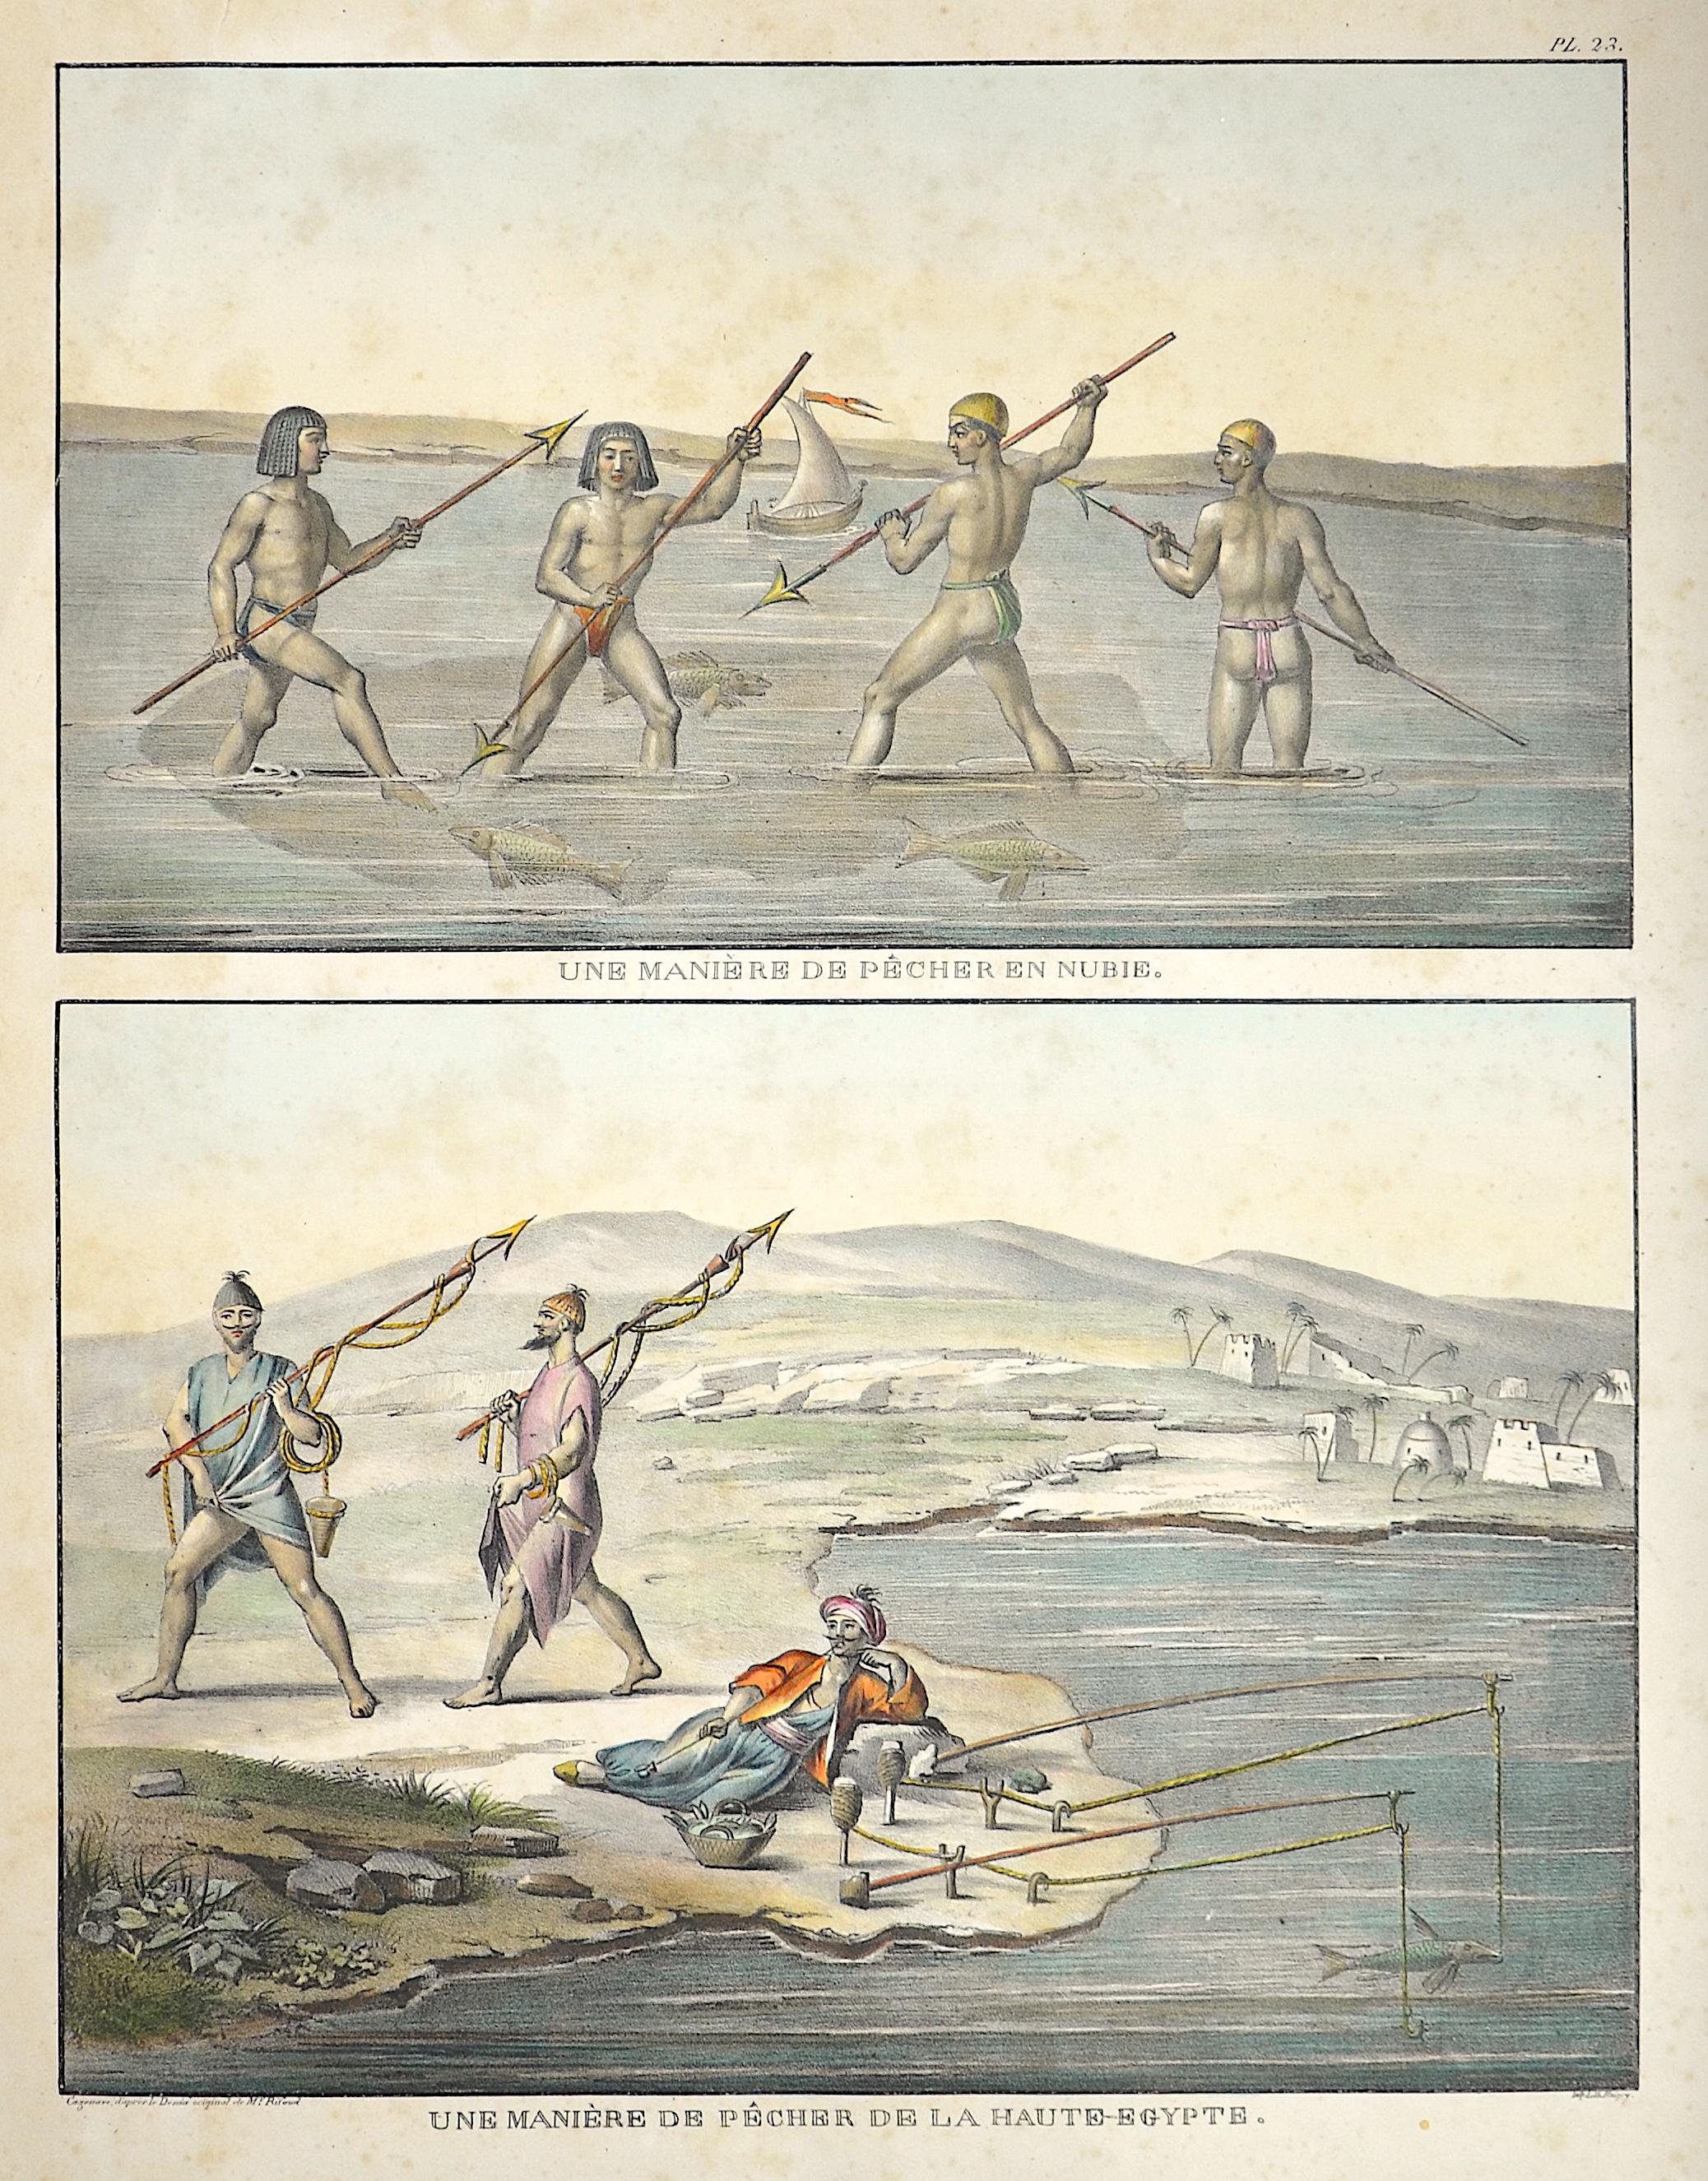 Roissy  Une Manière de pecher en Nubie. / Une Manière de pecher de la Haute-Egypte.